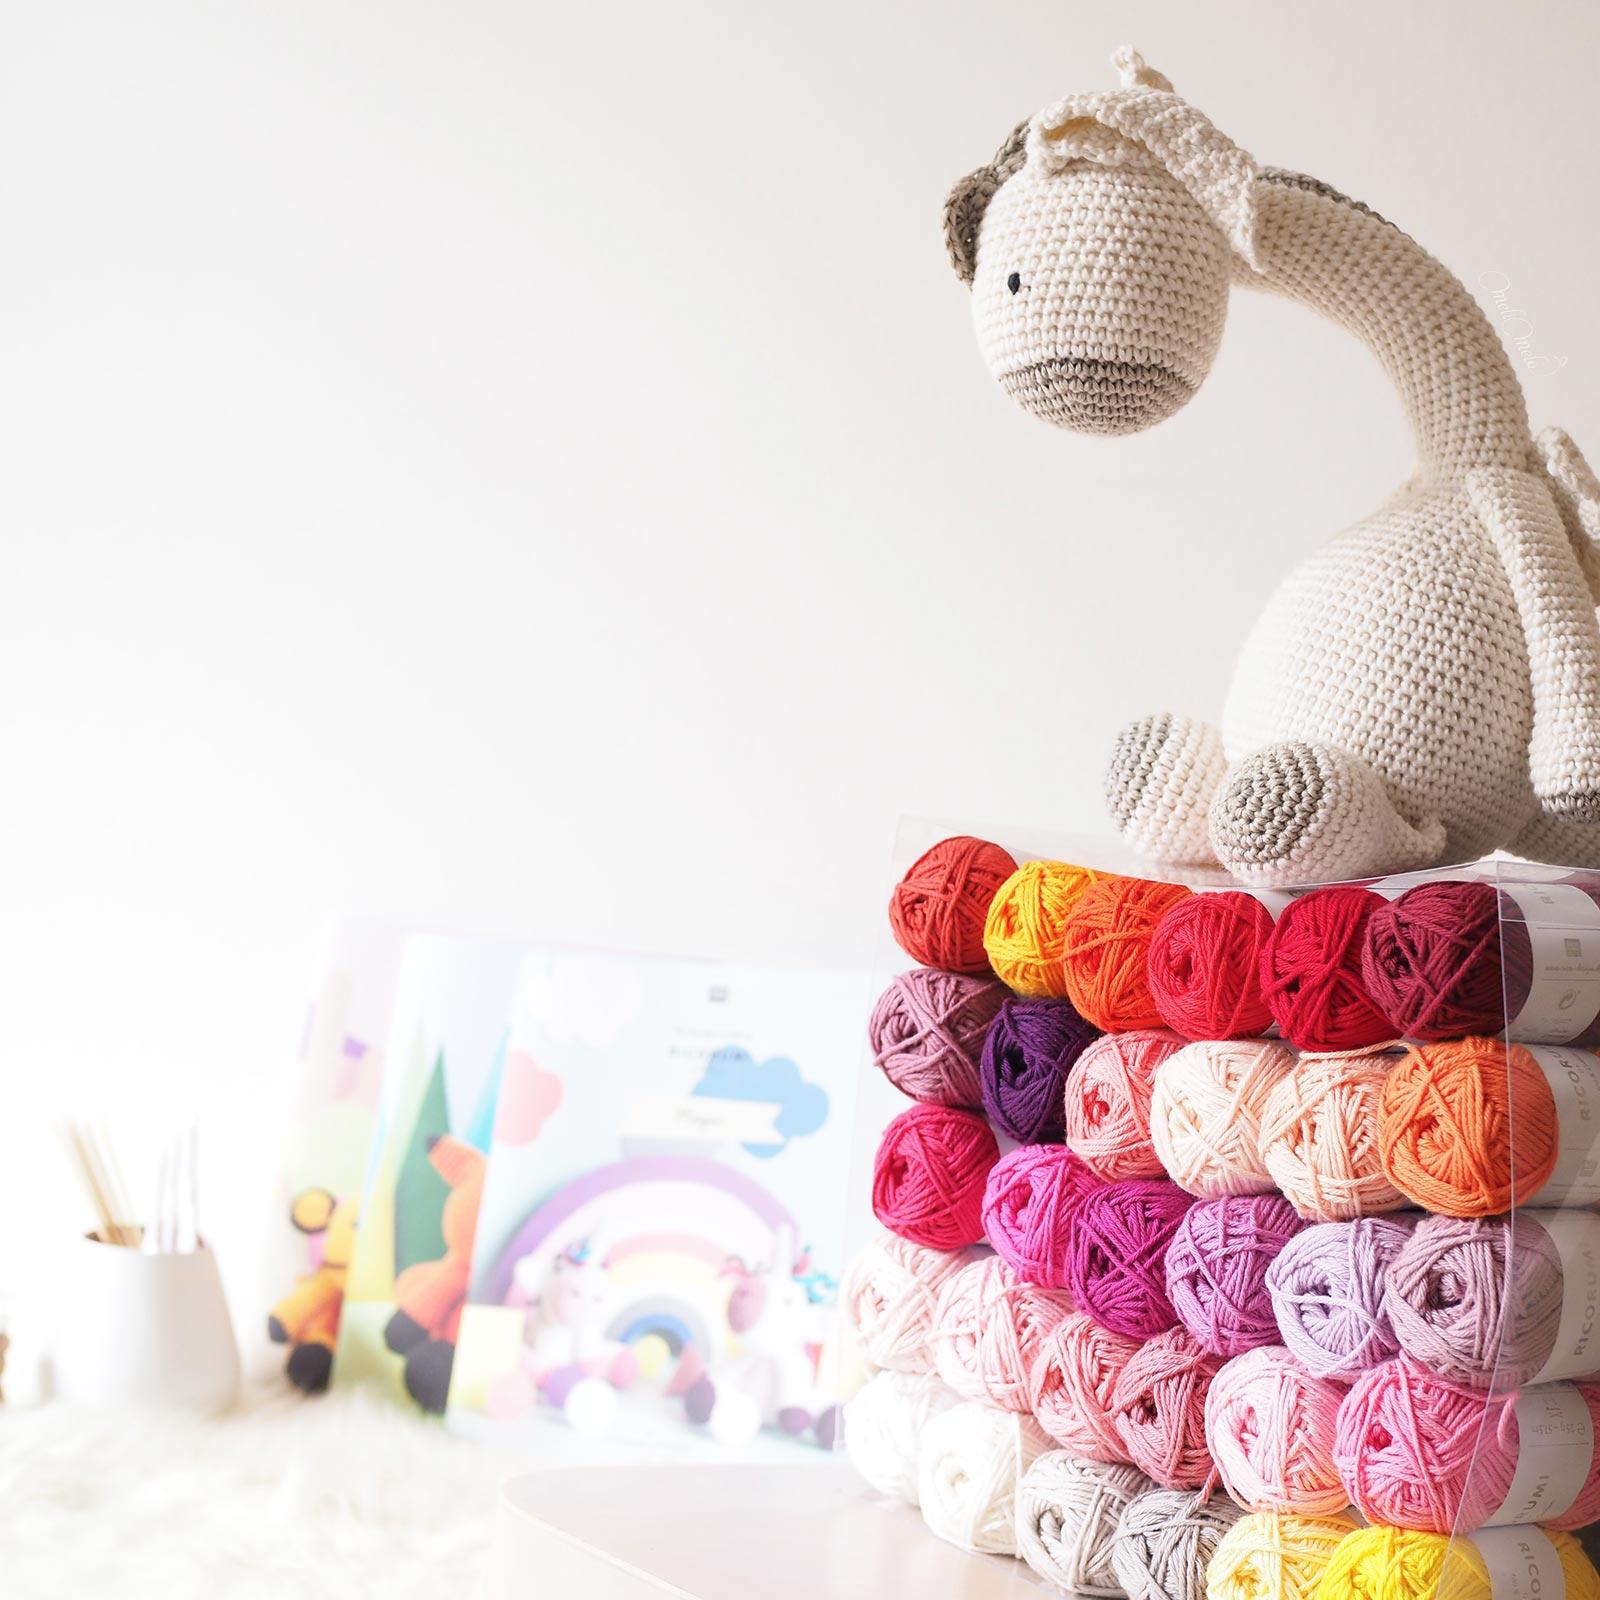 le Crochet de Pandore: Matériel pour débuter le crochet avec les ... | 1600x1600